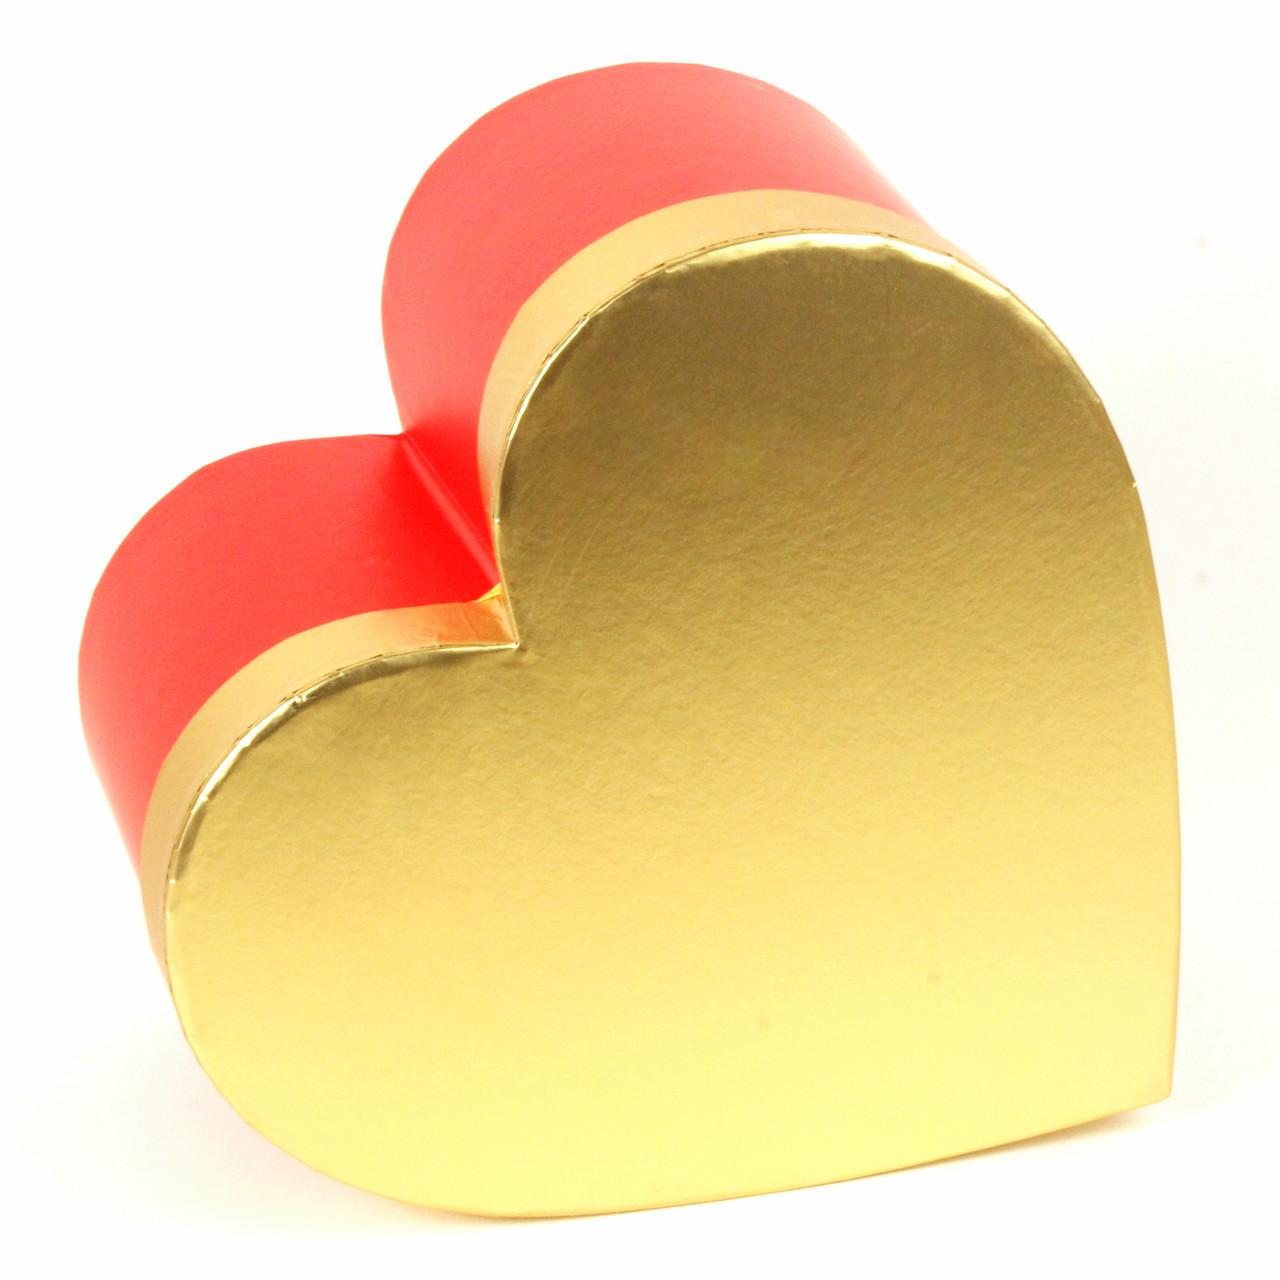 Подарочная коробка Сердце красное с золотой крышкой 26 х 25 x 14 см